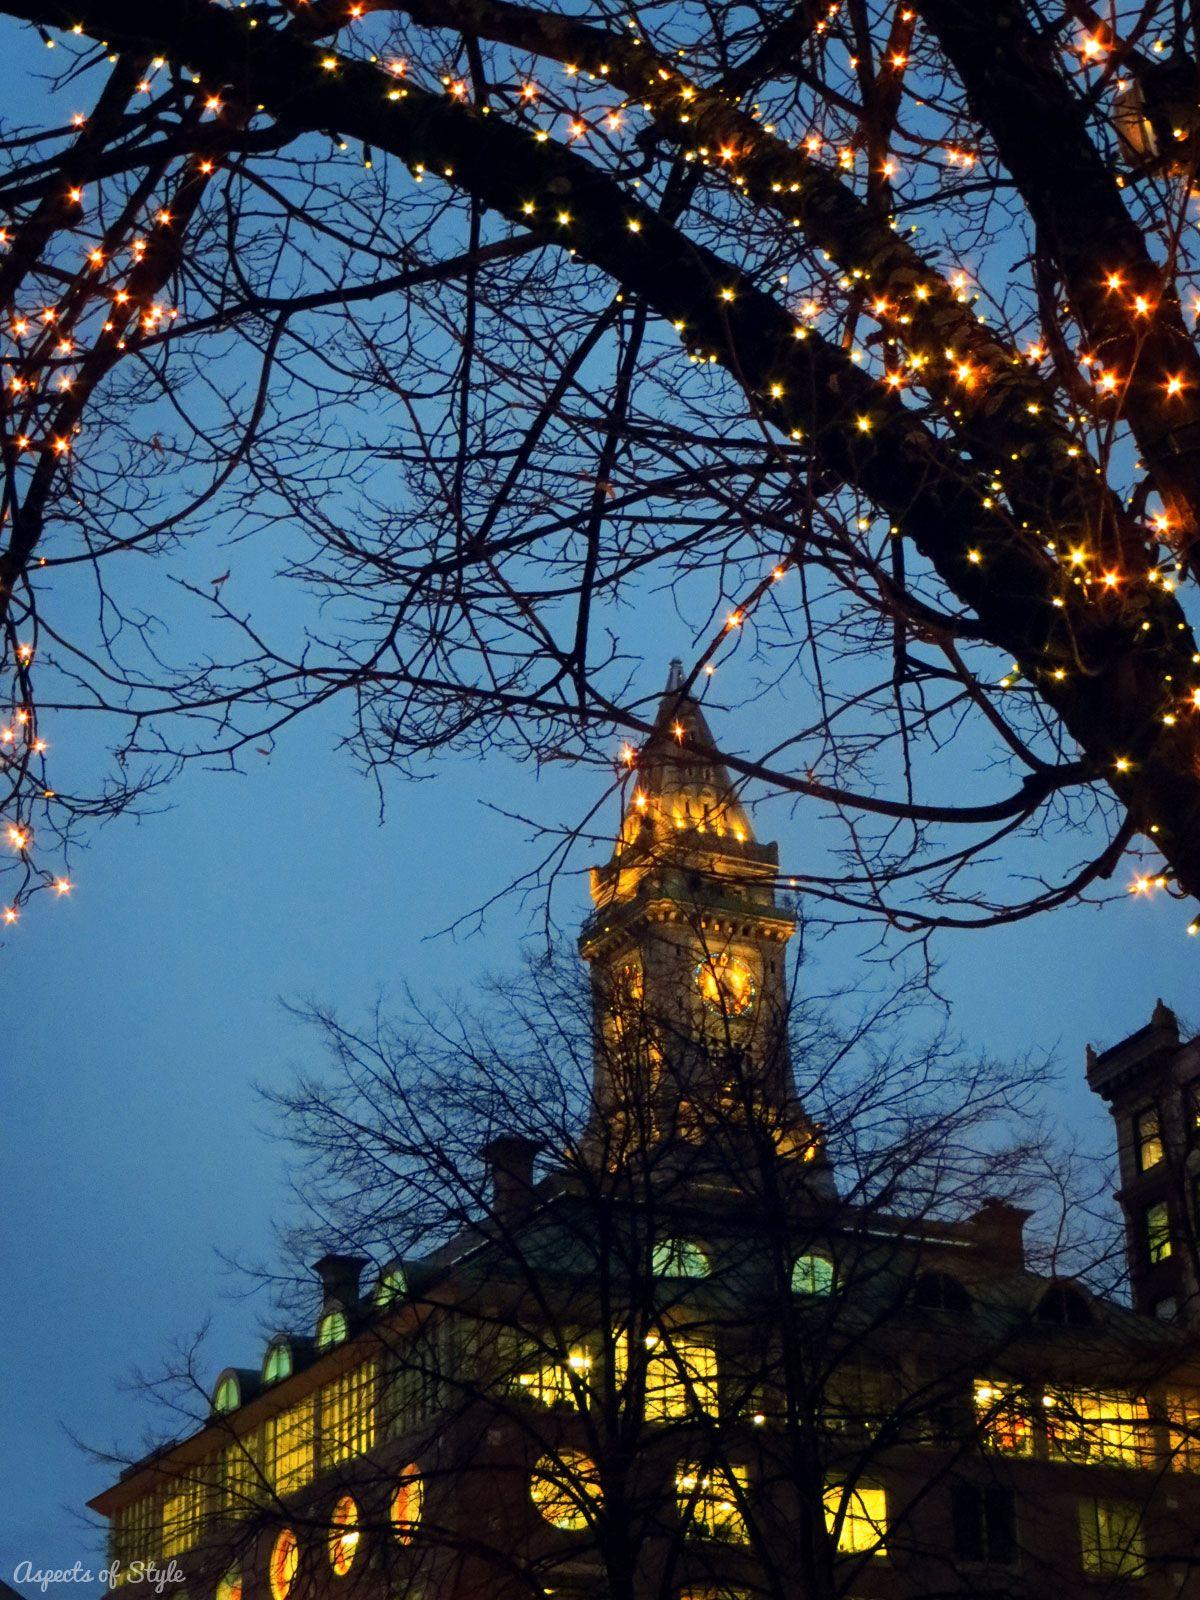 faneuil hall christmas tree lighting. Christmas Lights In Faneuil Hall, Boston Hall Tree Lighting